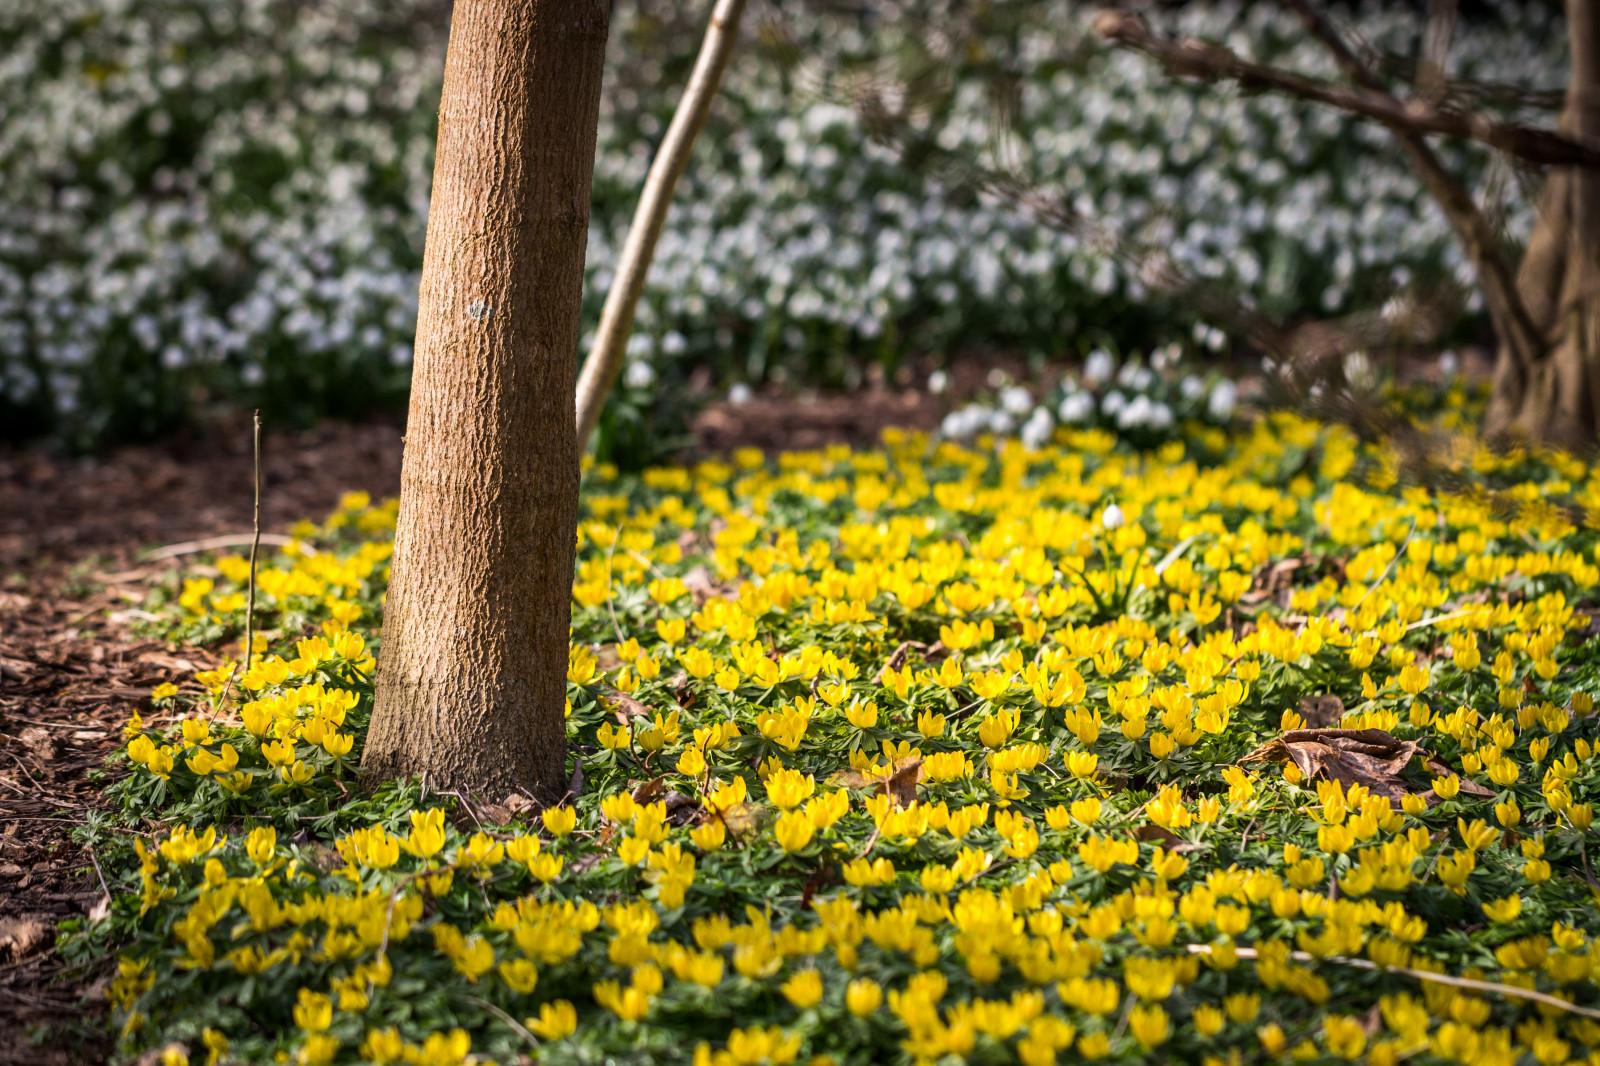 Hintergrundbilder : Landschaft, Weiß, Blumen, Garten, Natur, Gras ...